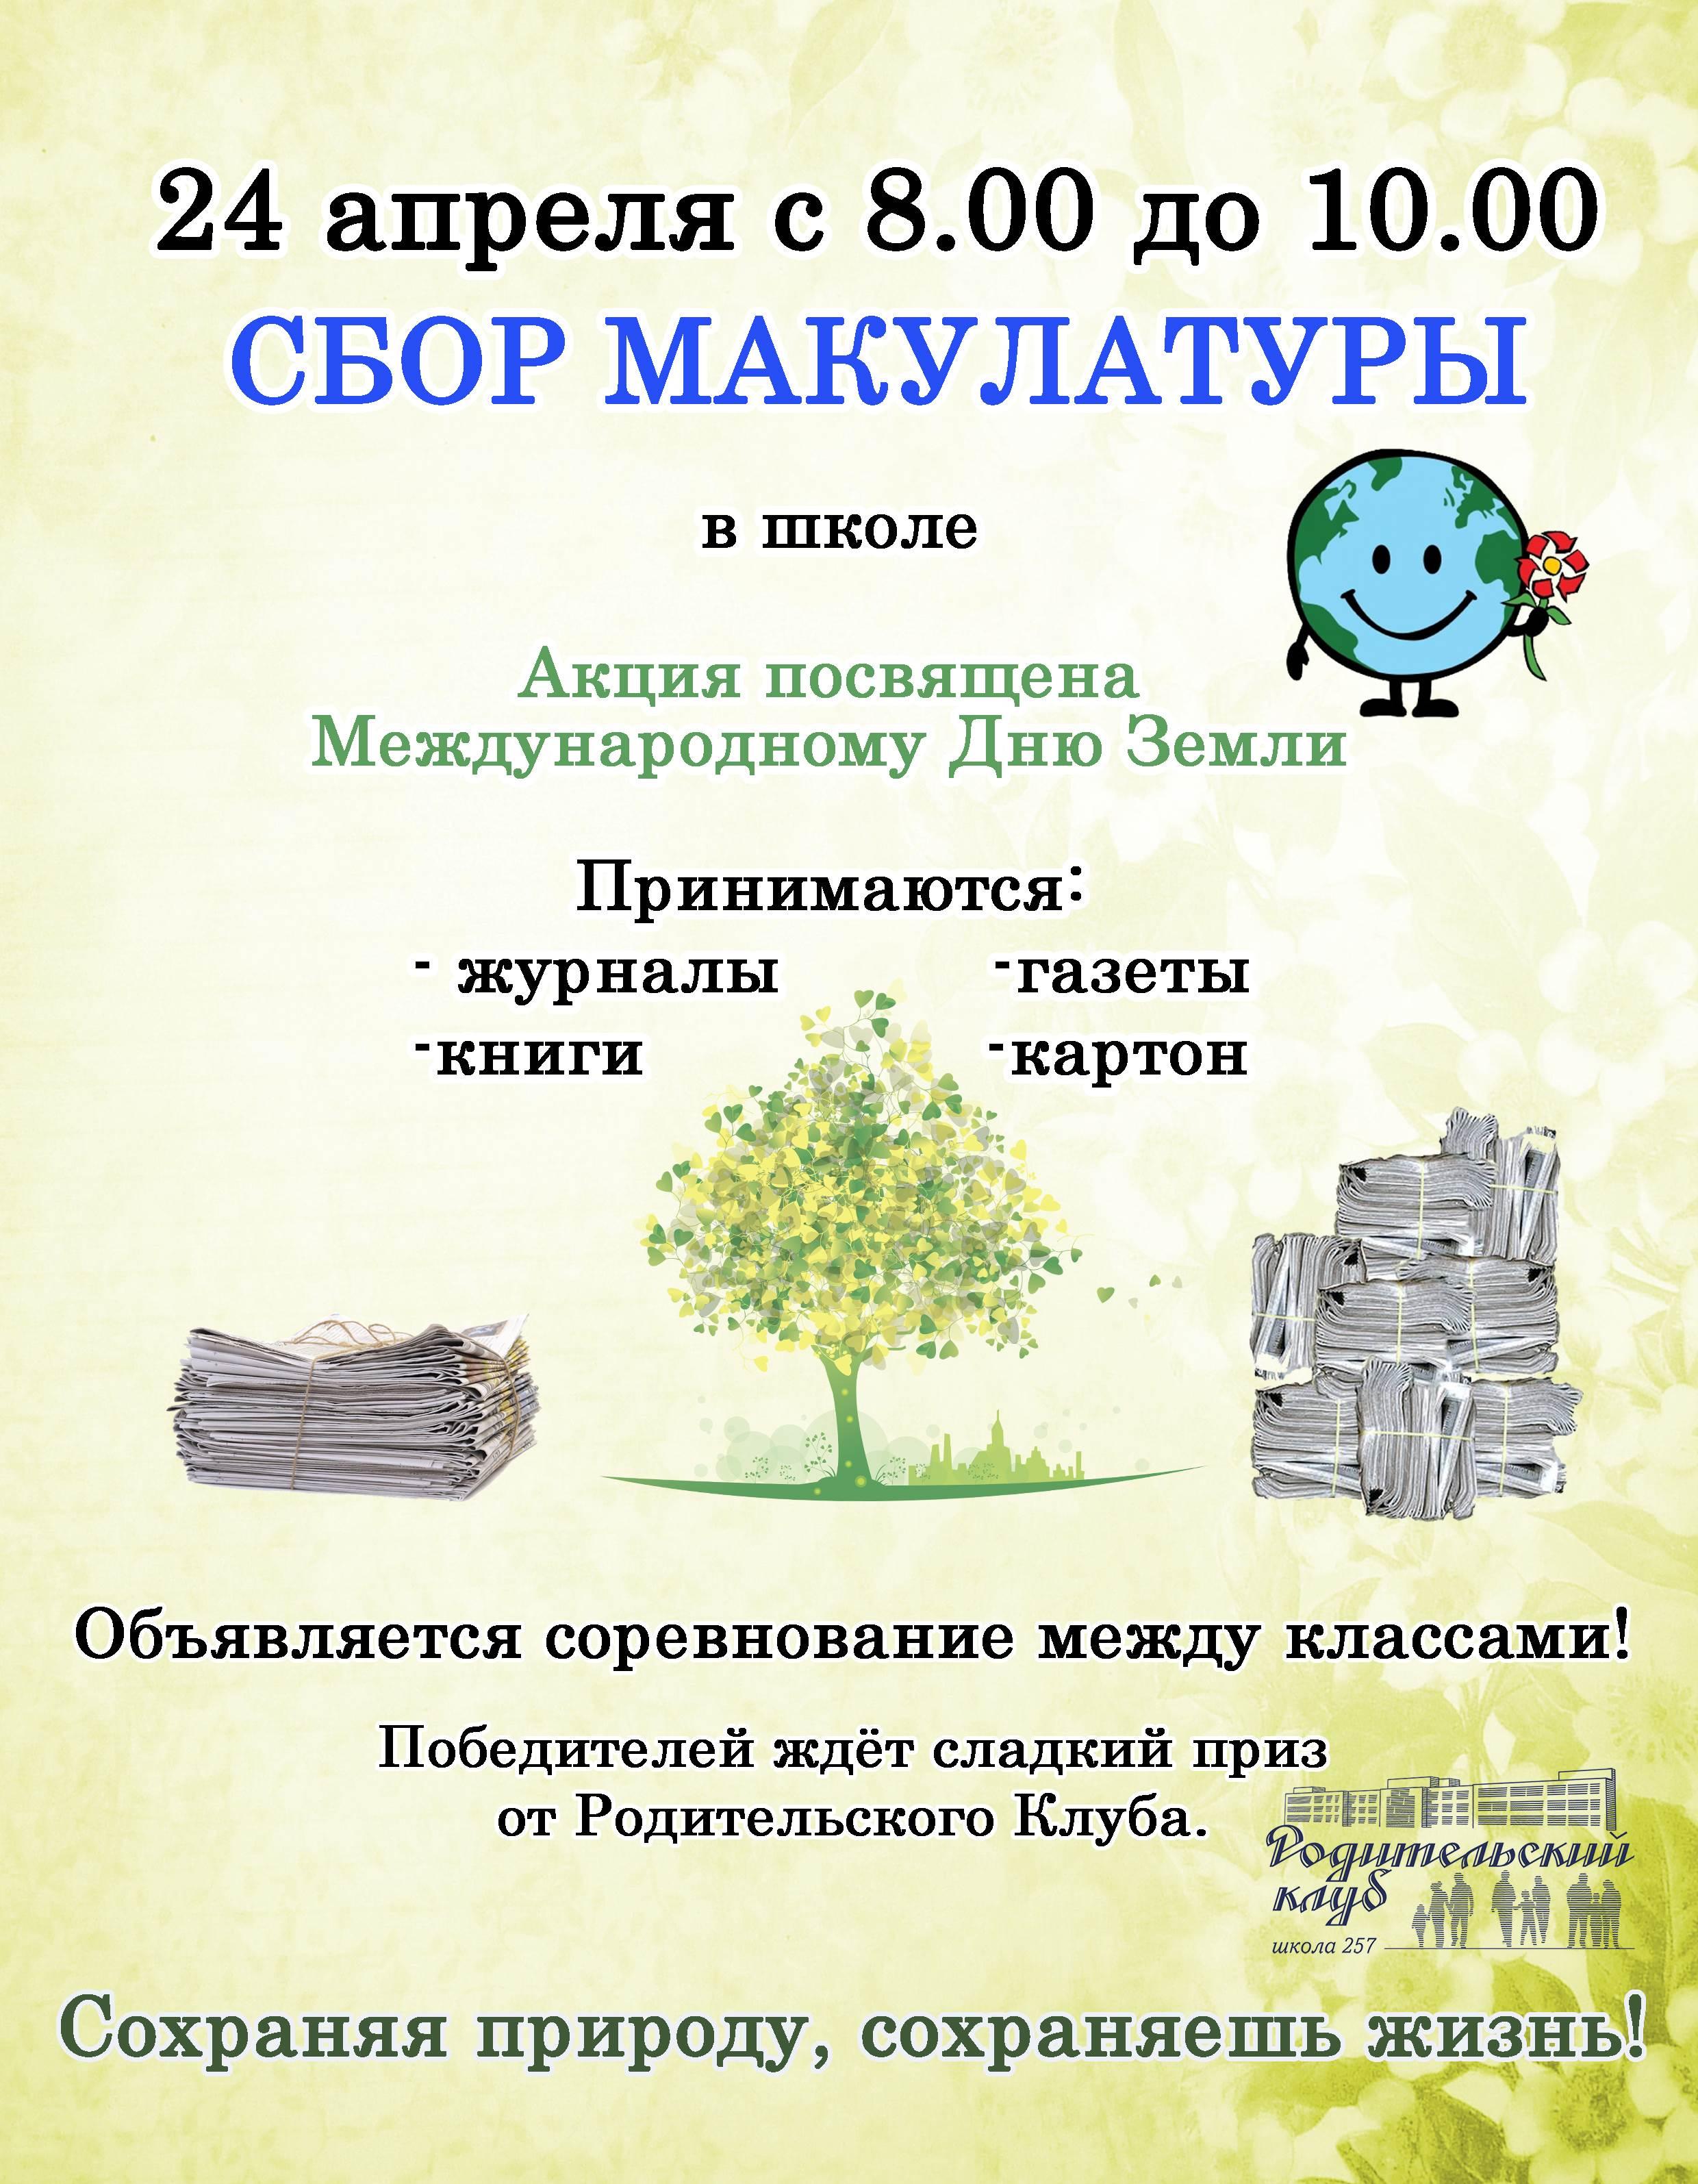 В школе будет проходить акция по сбору макулатуры макулатура великом новгороде